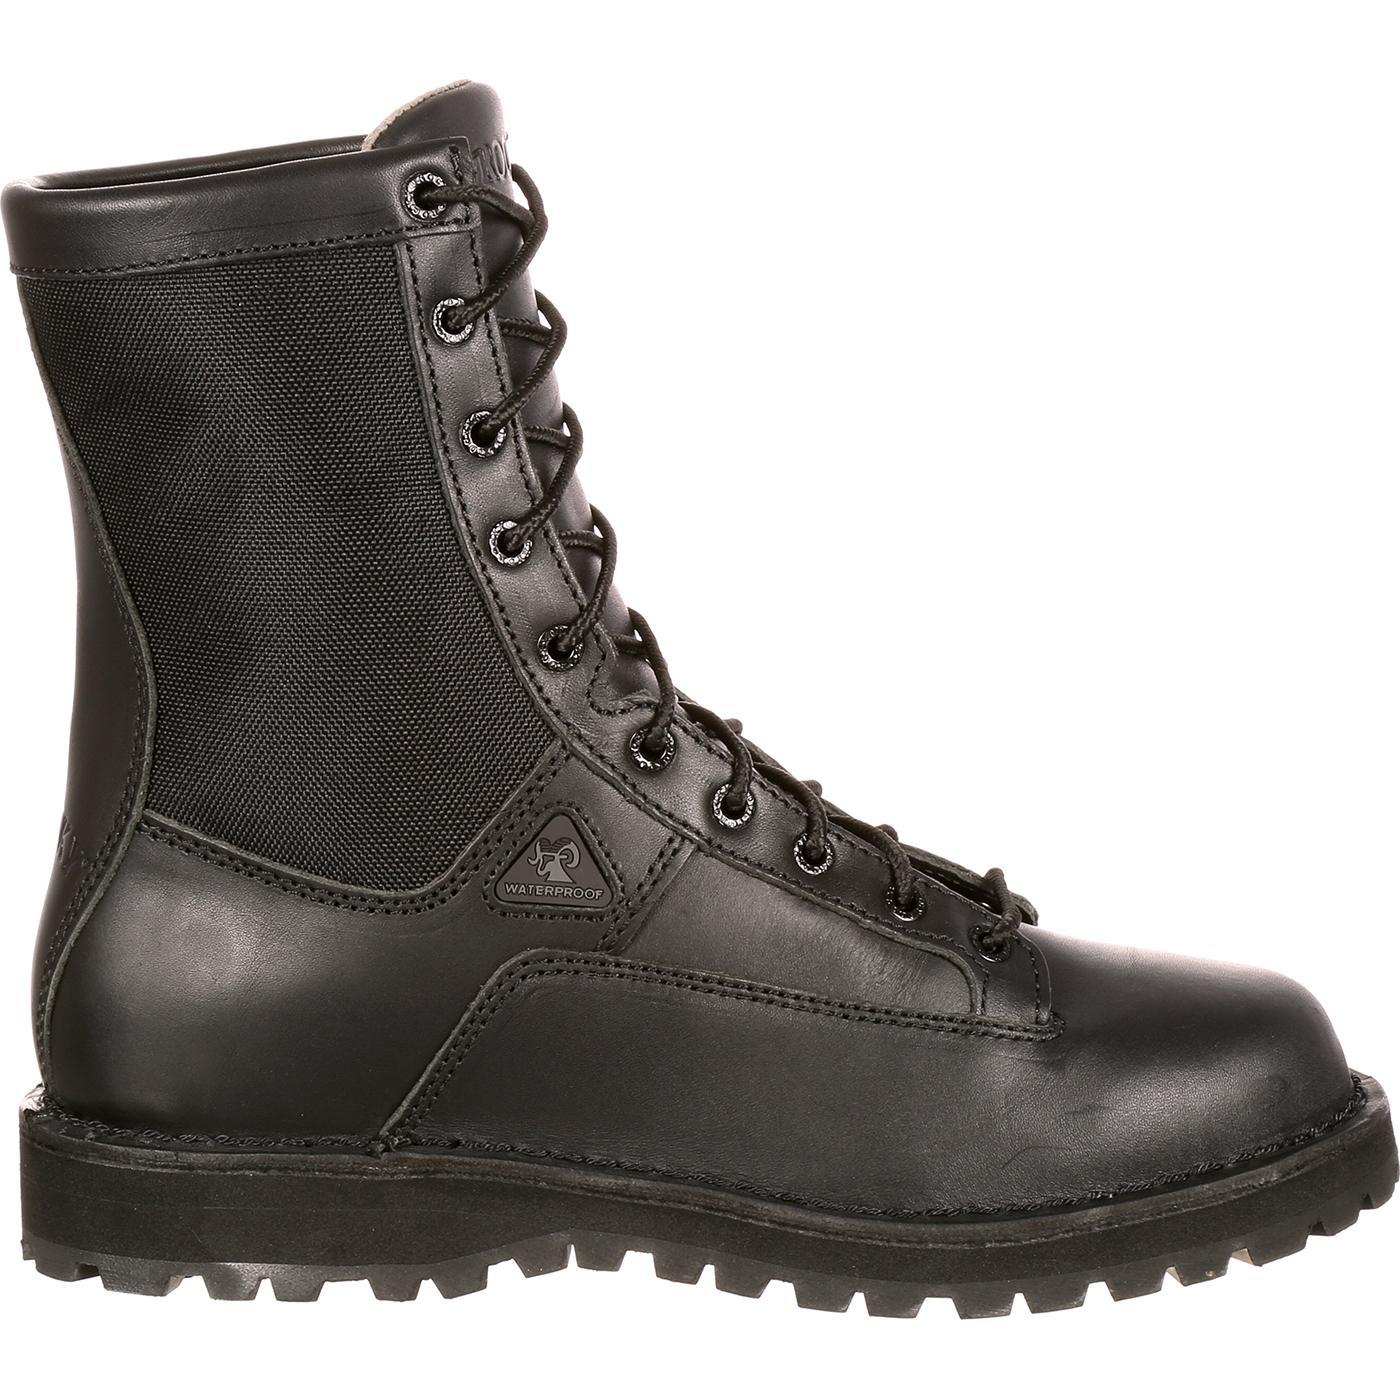 d89180087de Rocky Portland Lace-to-Toe Waterproof Duty Boots